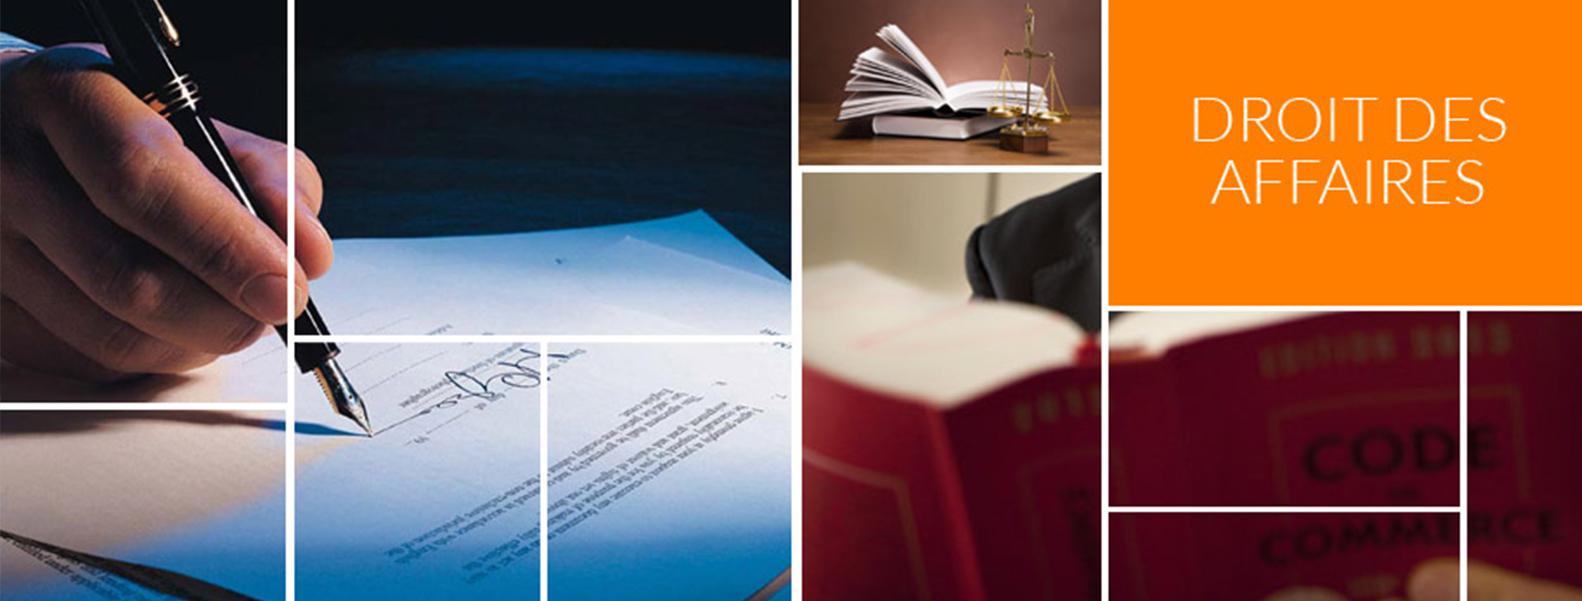 Slider droit des affaires du site de Maïtre Carsalade, avocat à Saint Barthe et pratiquant le droit civil, le droit pénal, le droit de la famille, le droit des affaires et le droit du travail.